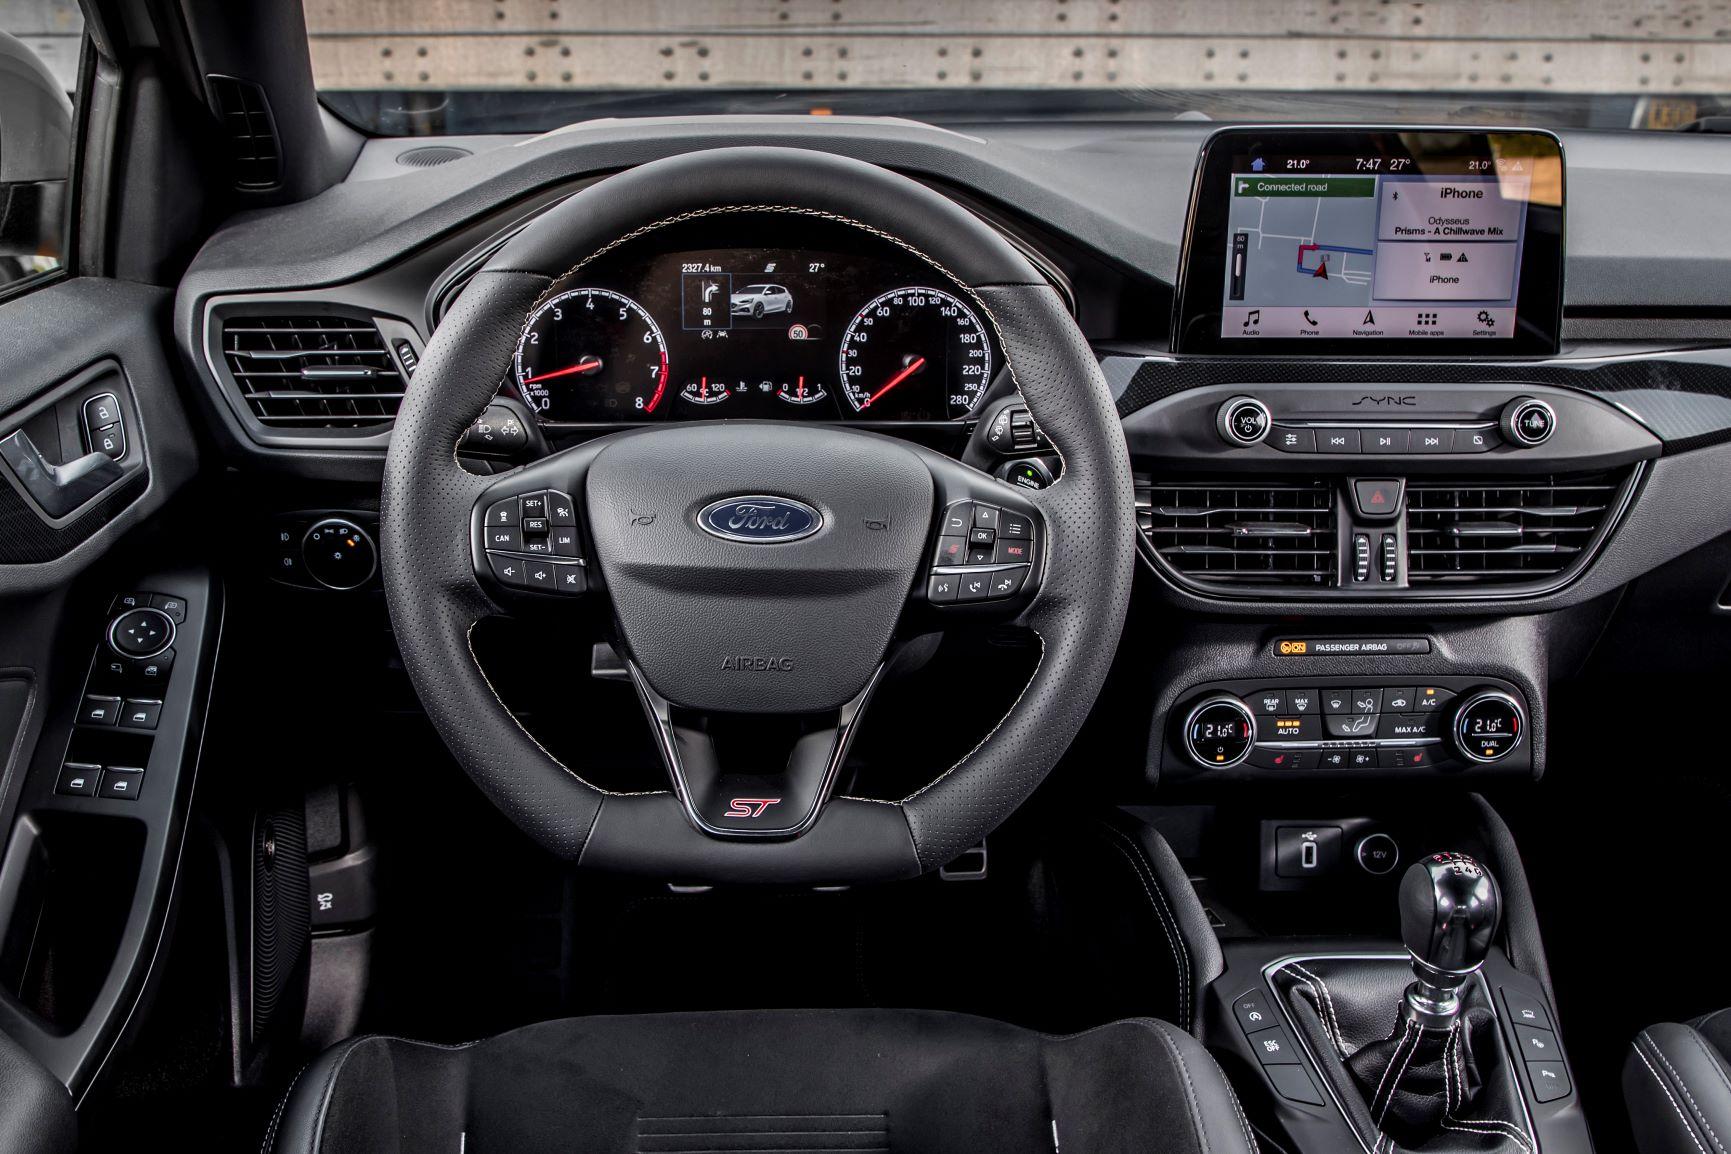 Ford Focus ST posizione di guida